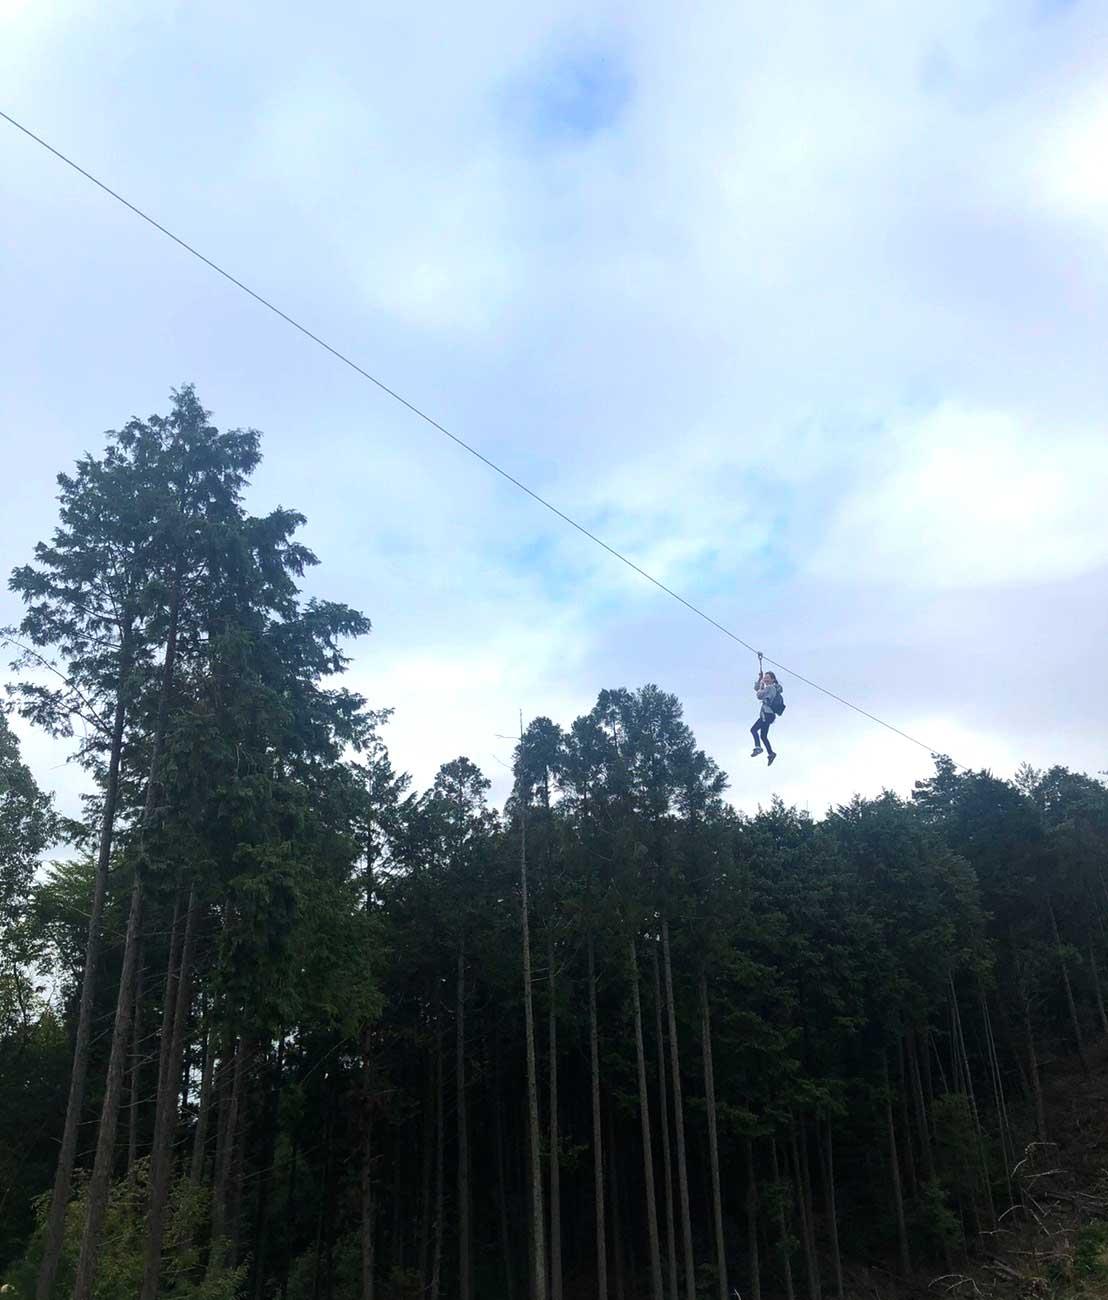 Boken no Mori / 冒険の森